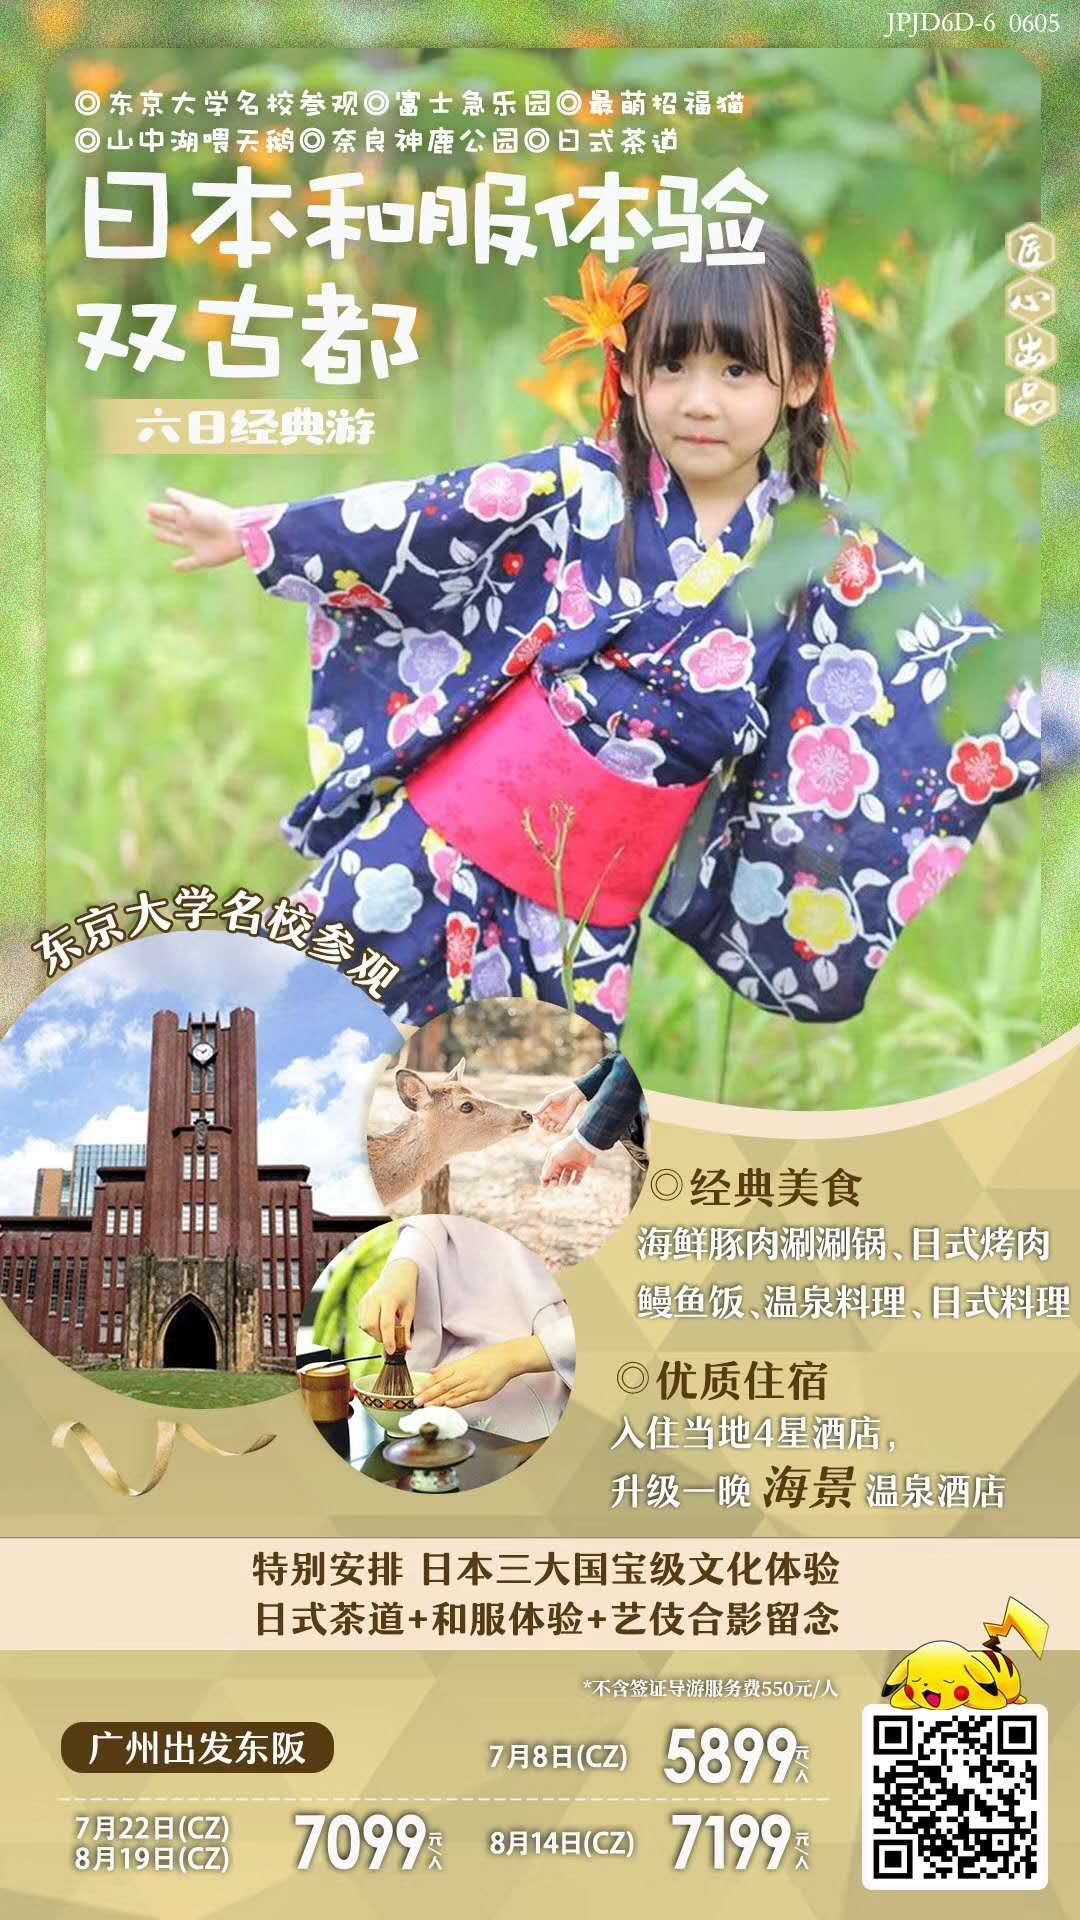 日本和服体验双古都6天经典游 东京大学名校参观、富士山GRINPA雪乐园、奈良神鹿公园、玉露之里日式茶道